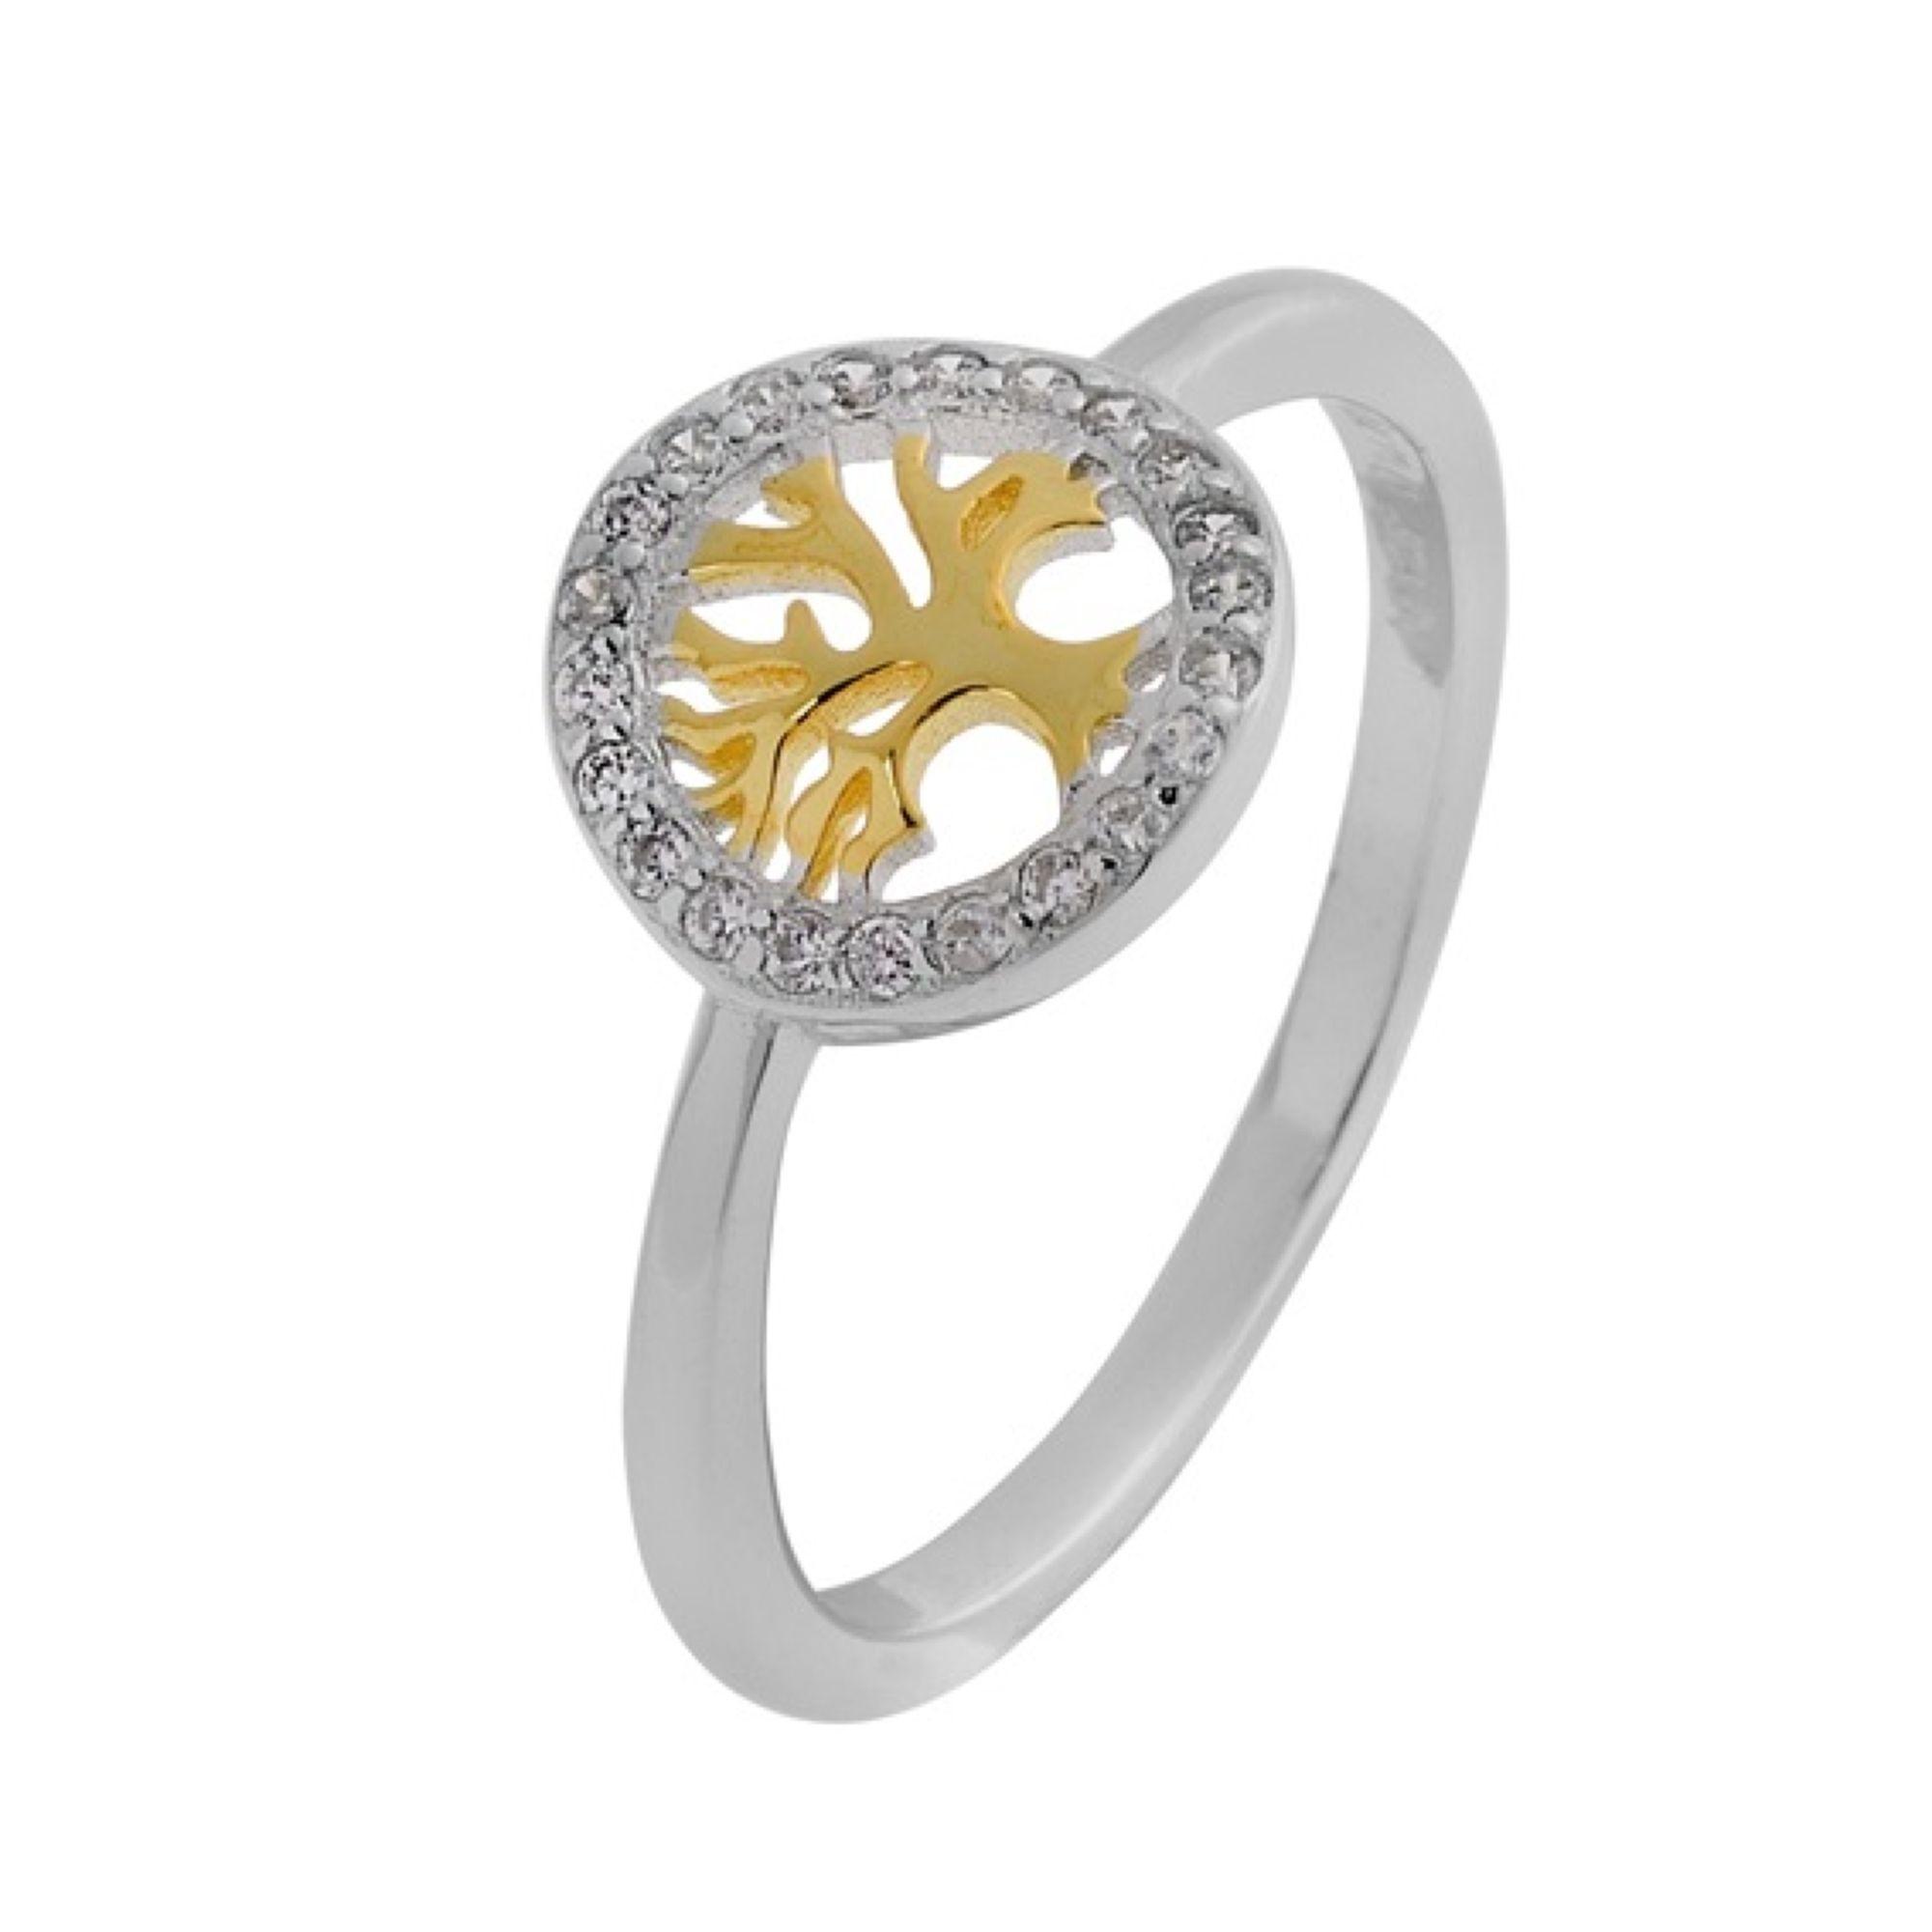 Ασημένιο δαχτυλίδι 925 με το Δέντρο της Ζωής